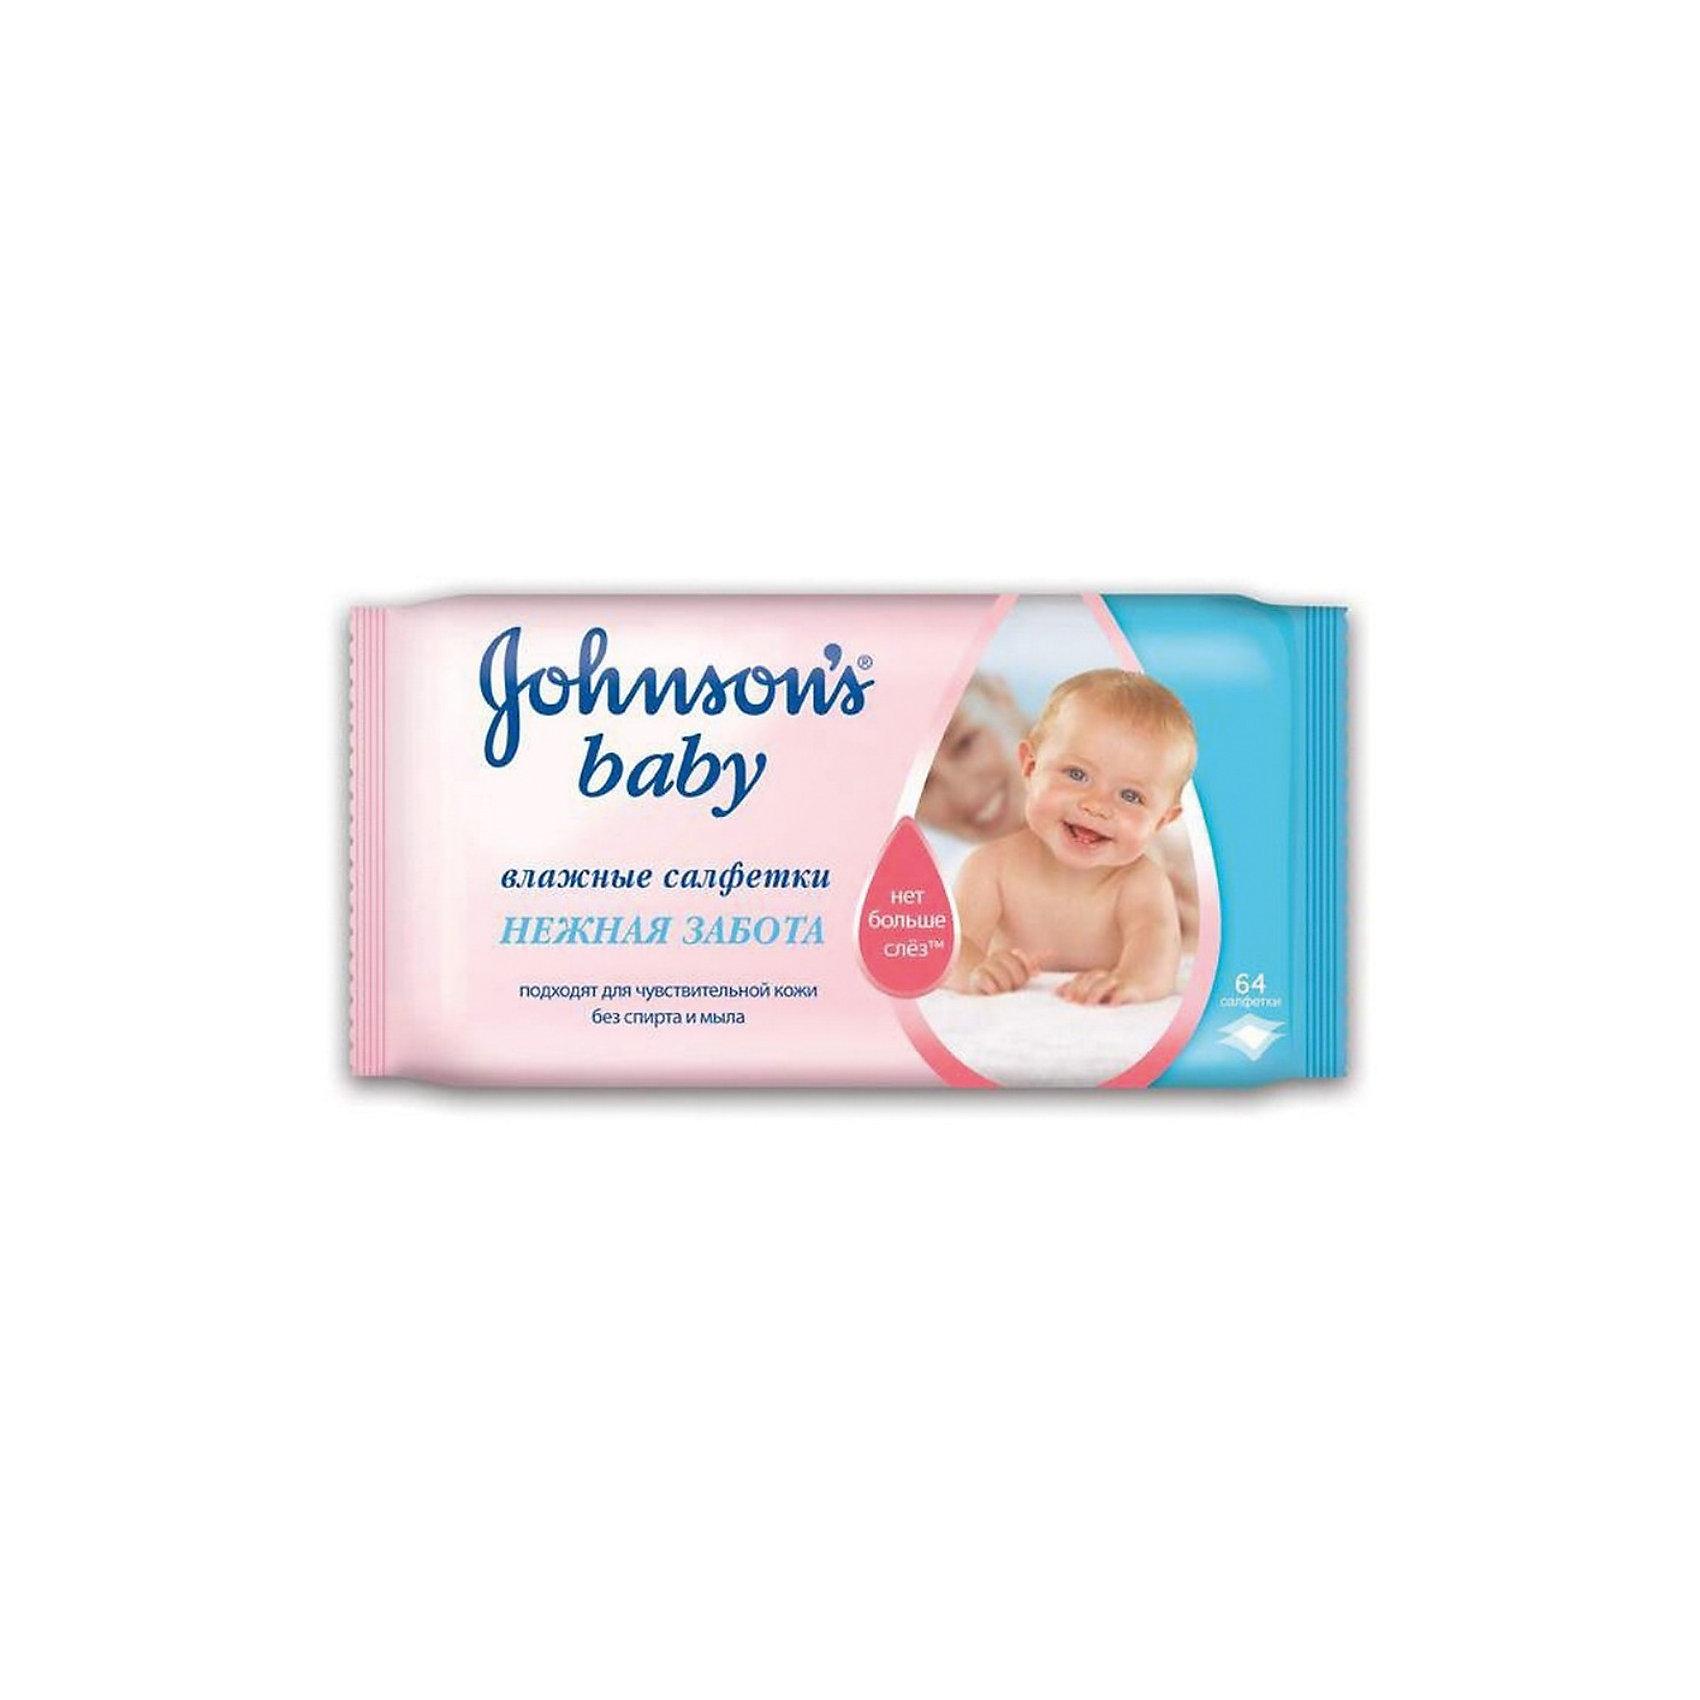 Влажные салфетки Нежная забота, Johnsons baby, 64 шт.